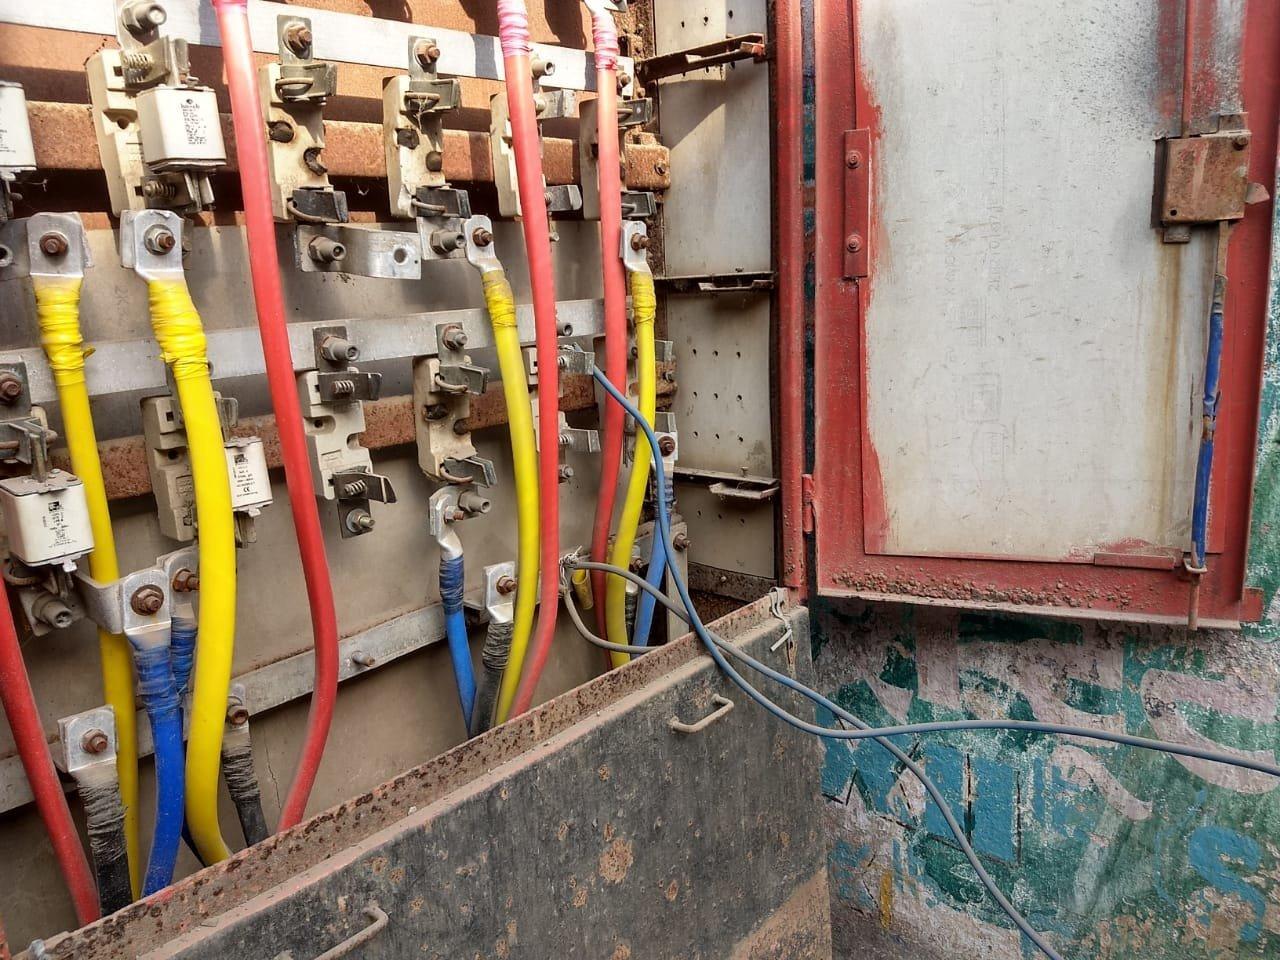 अँटॉप हिल परिसरात वीज चोरणाऱ्यांना अटक